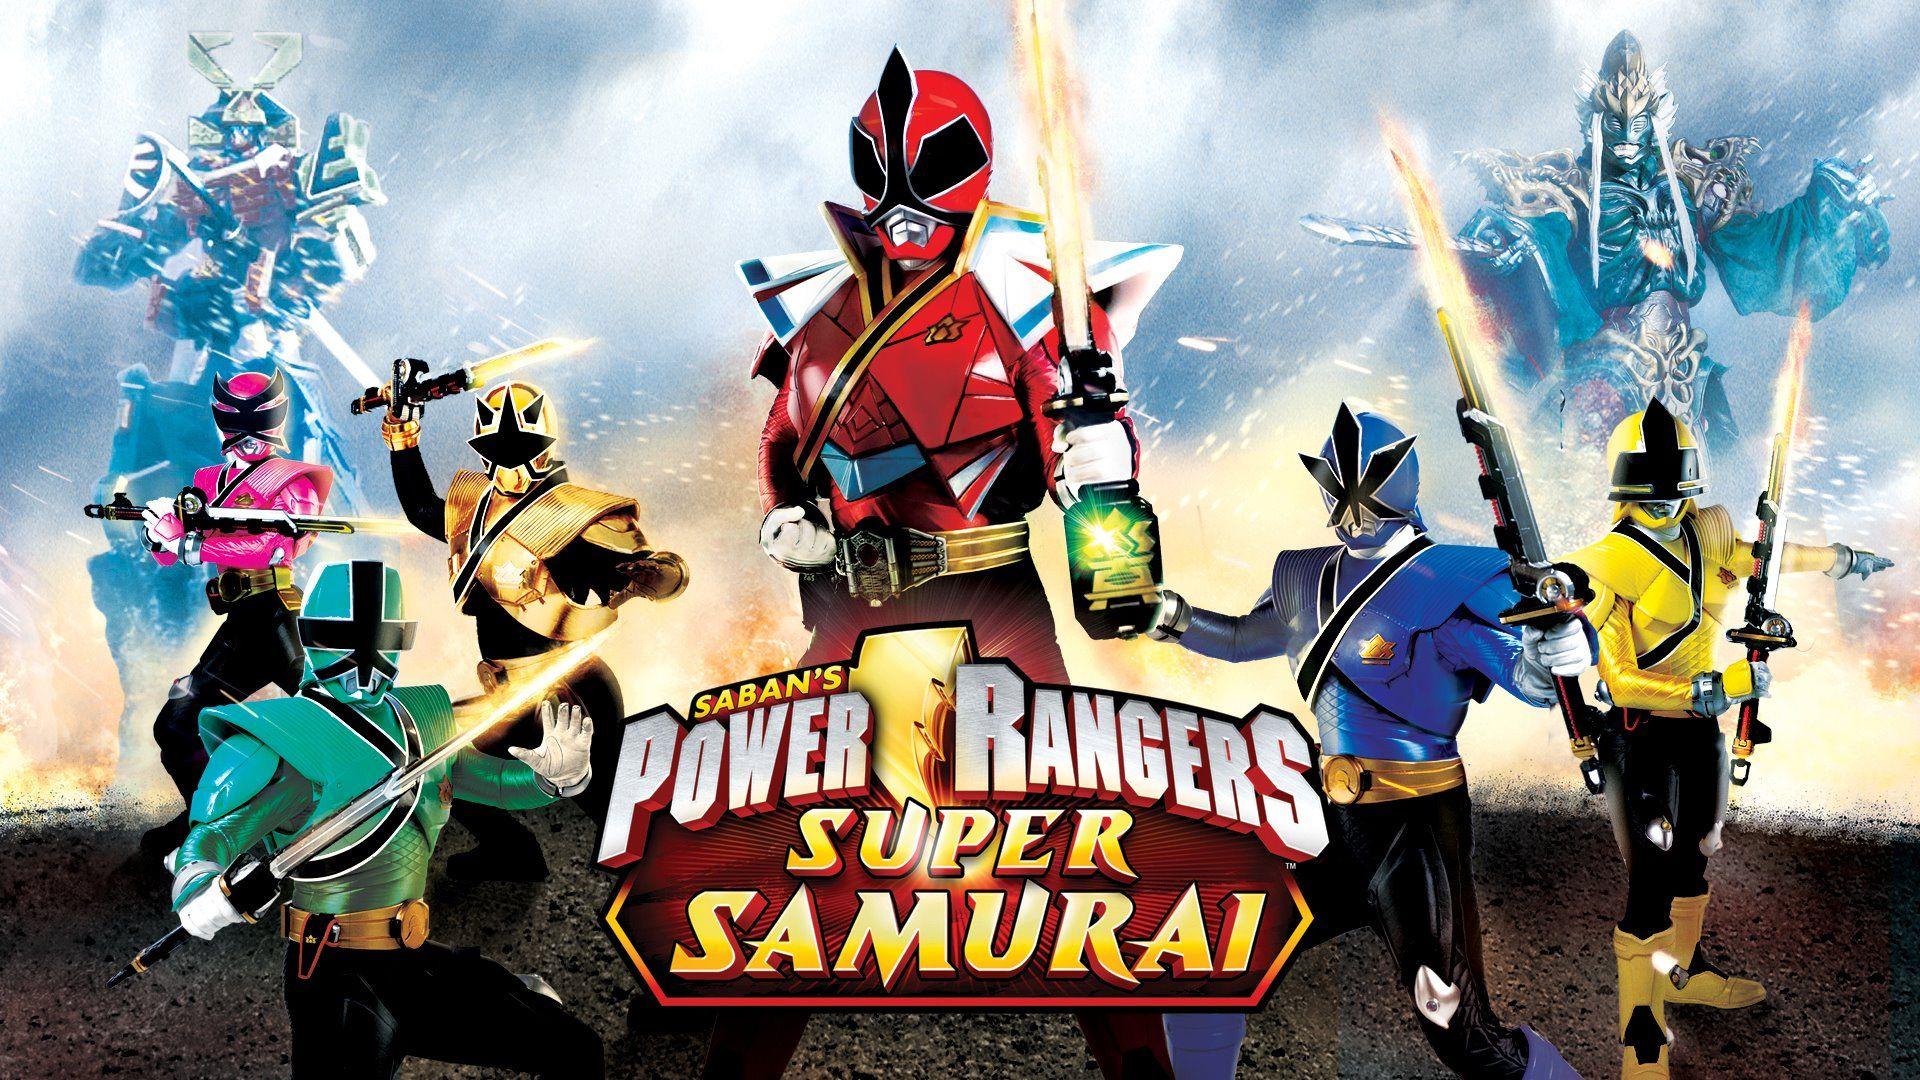 Power Rangers Super Megaforce Red Ranger Wallpaper Reviewwalls Co